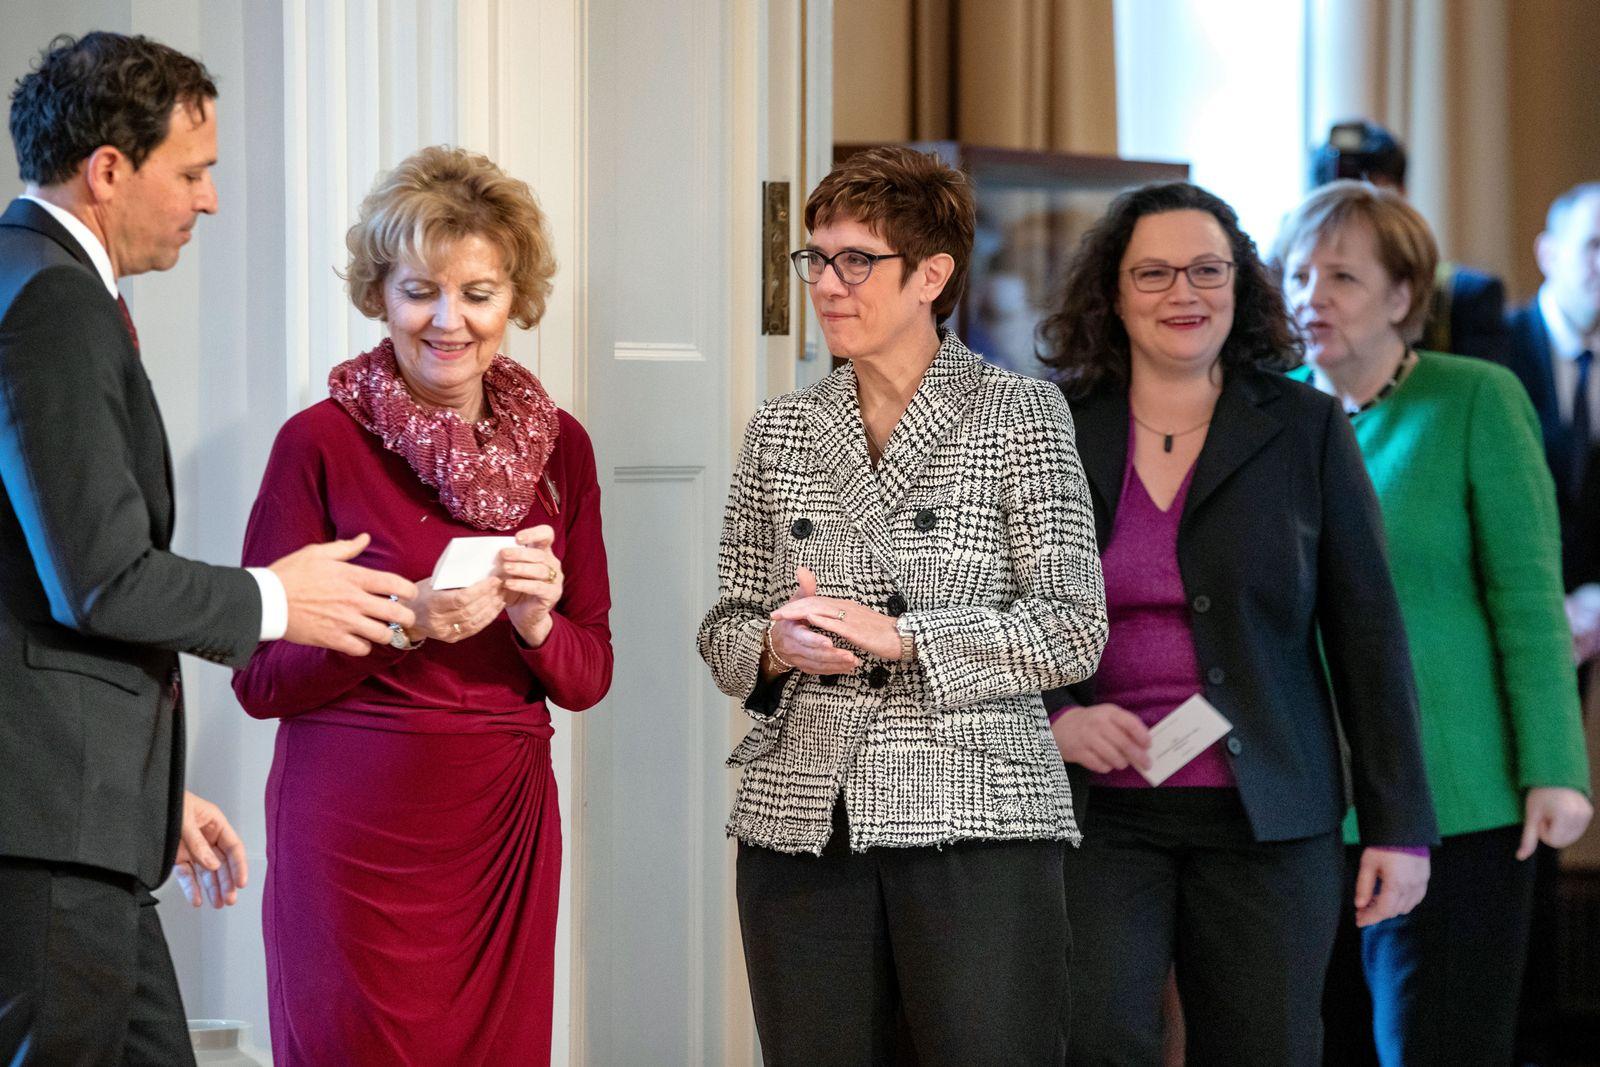 Annegret Kramp-Karrenbauer/ Andrea Nahles/ Angela Merkel